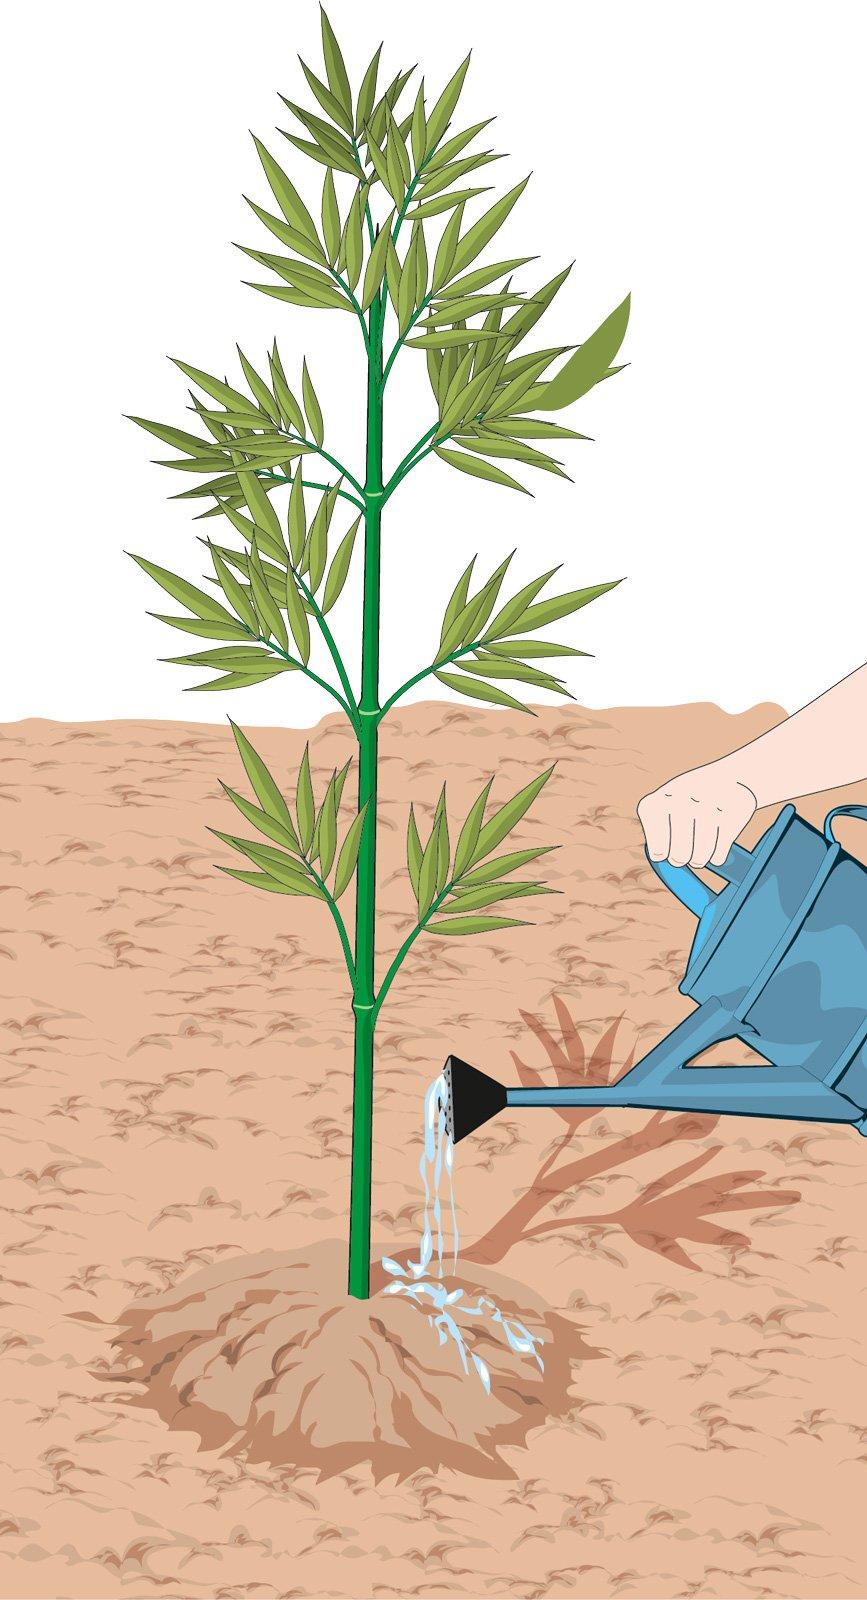 Il bamb per creare una barriera verde cose di casa - Bambu in vaso acqua ...